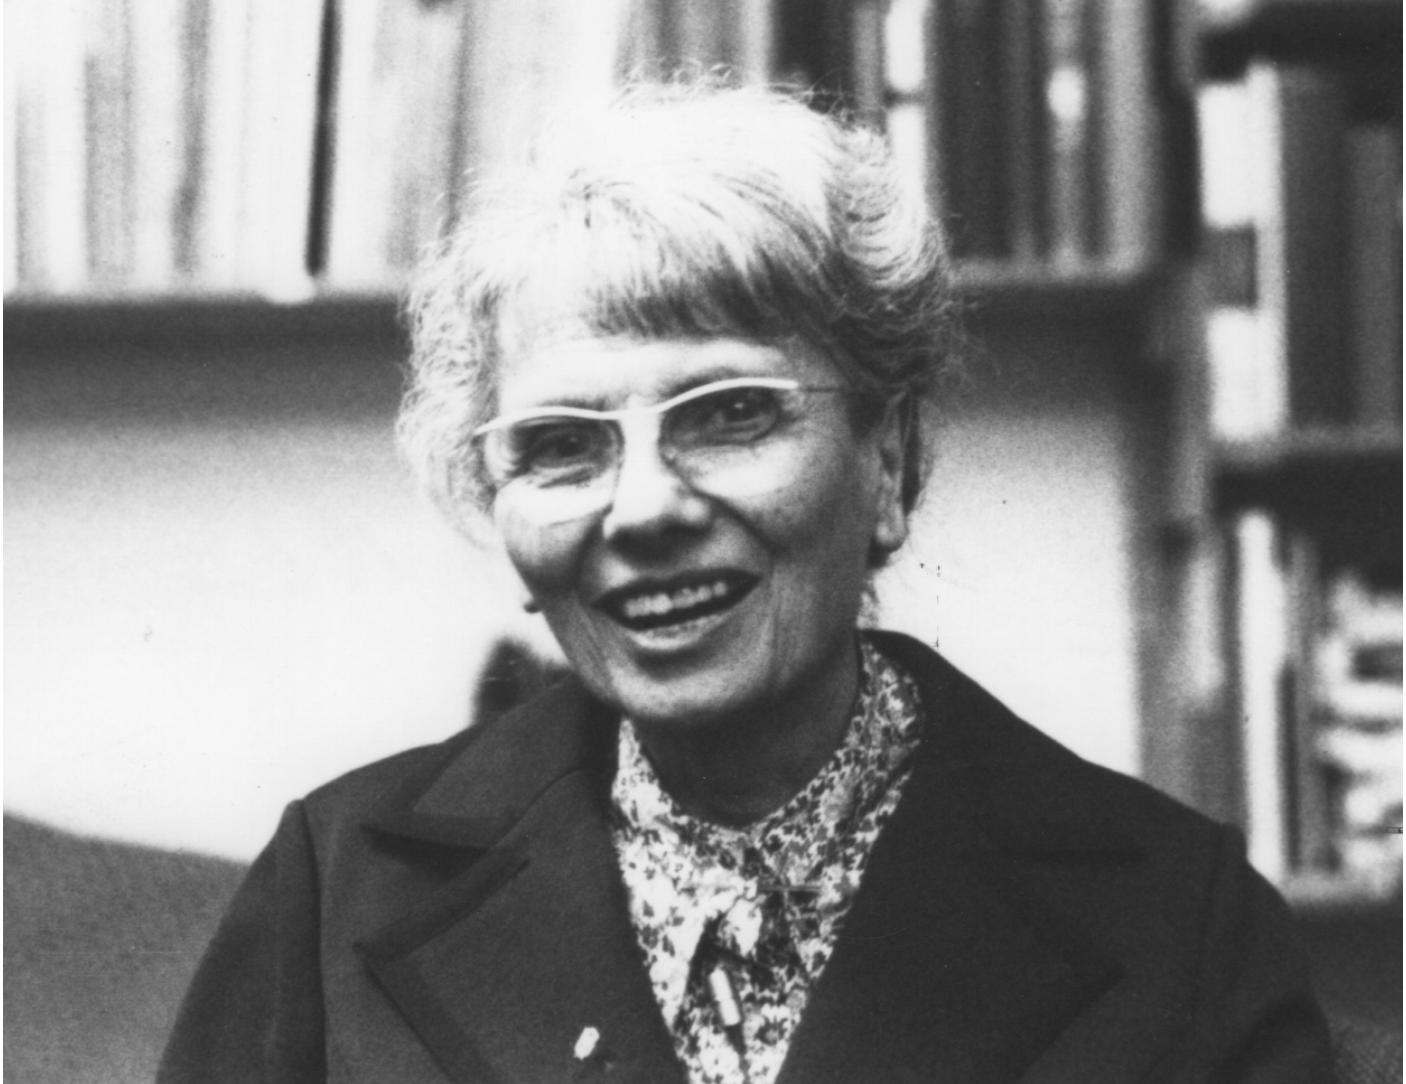 Aniela Jaffe